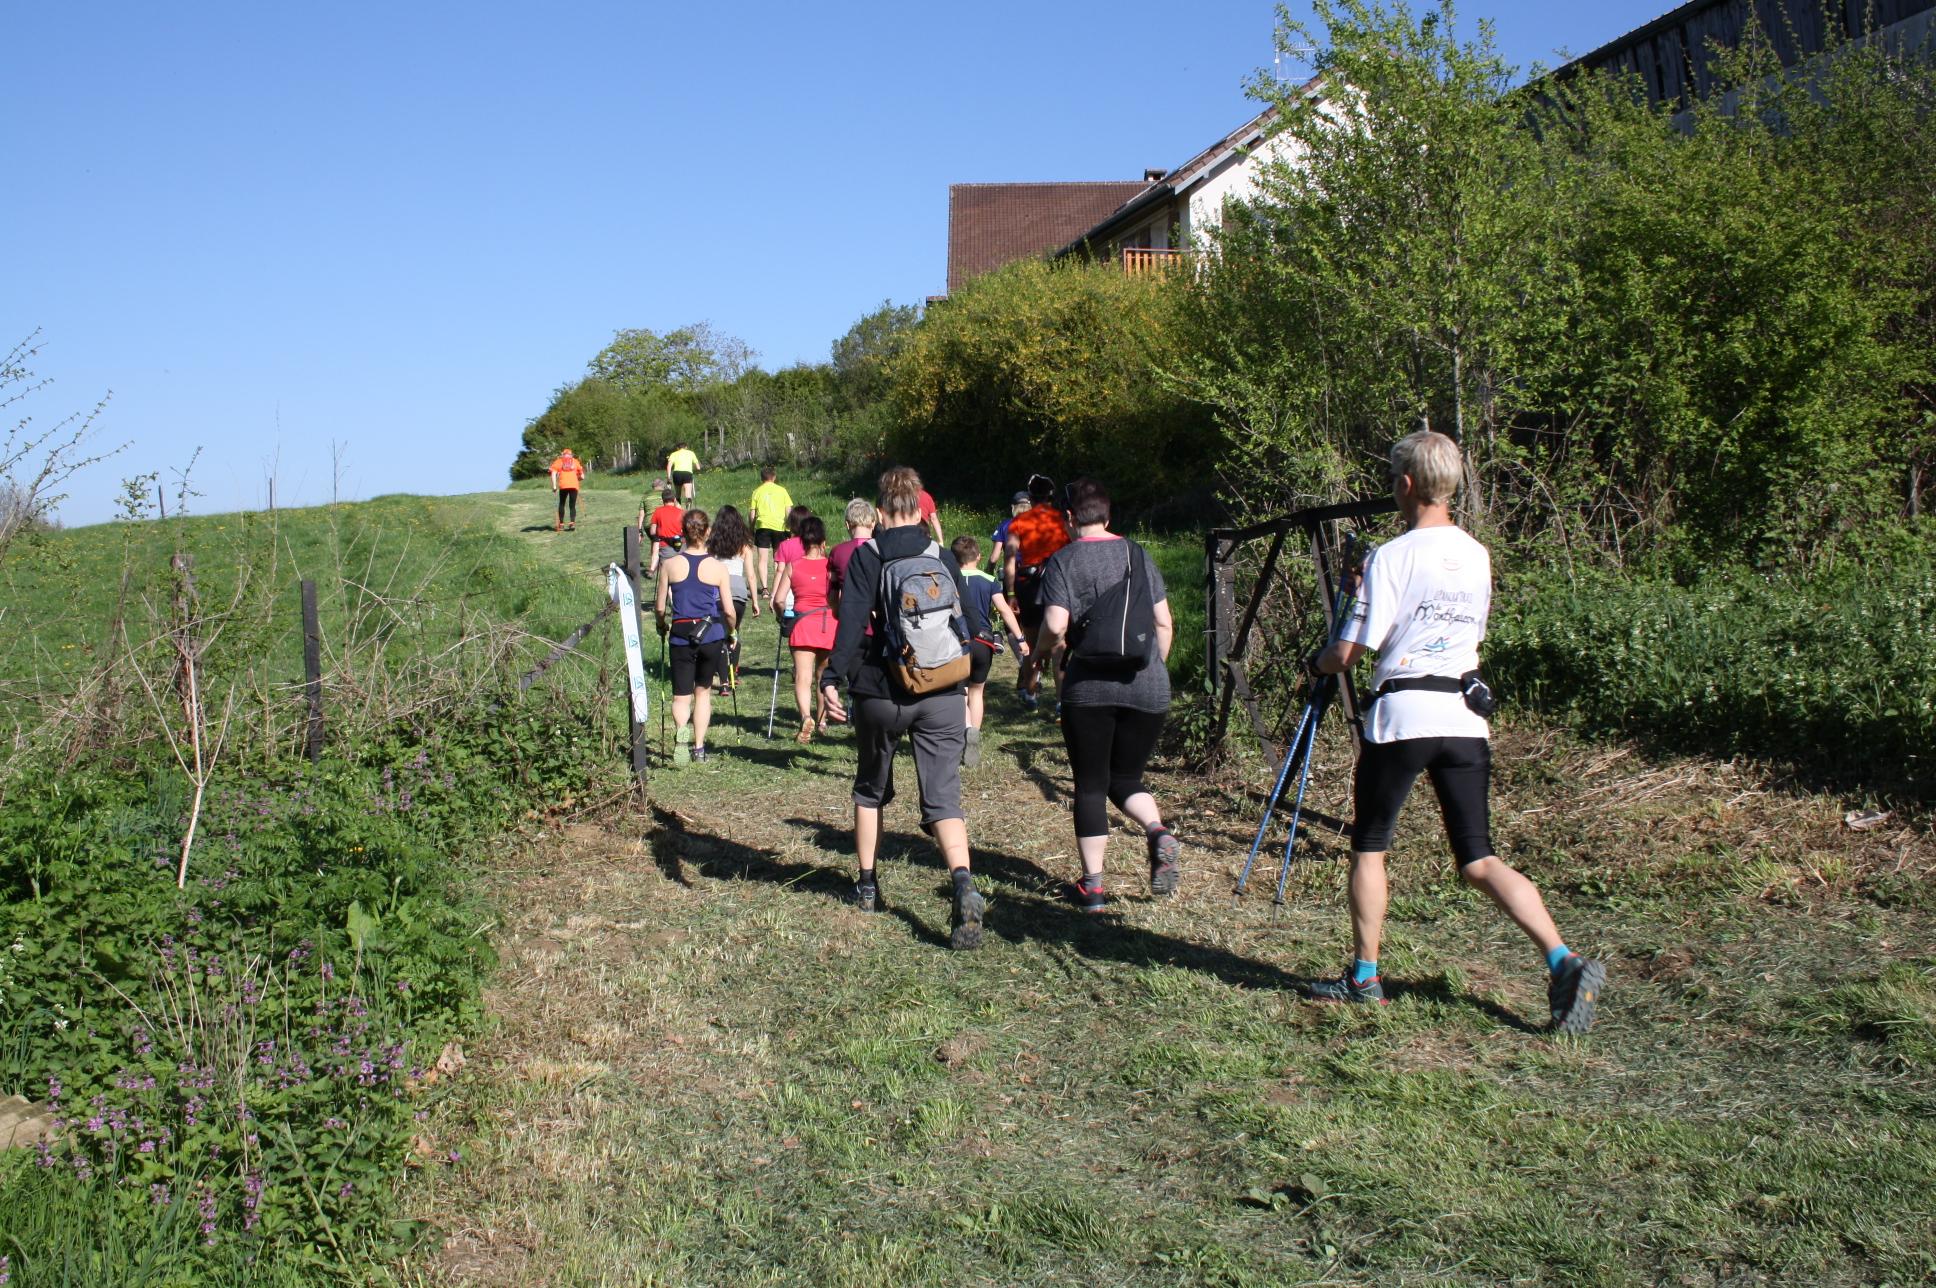 2017-04-09 - Trail-Montfaucon-Juliette (95)